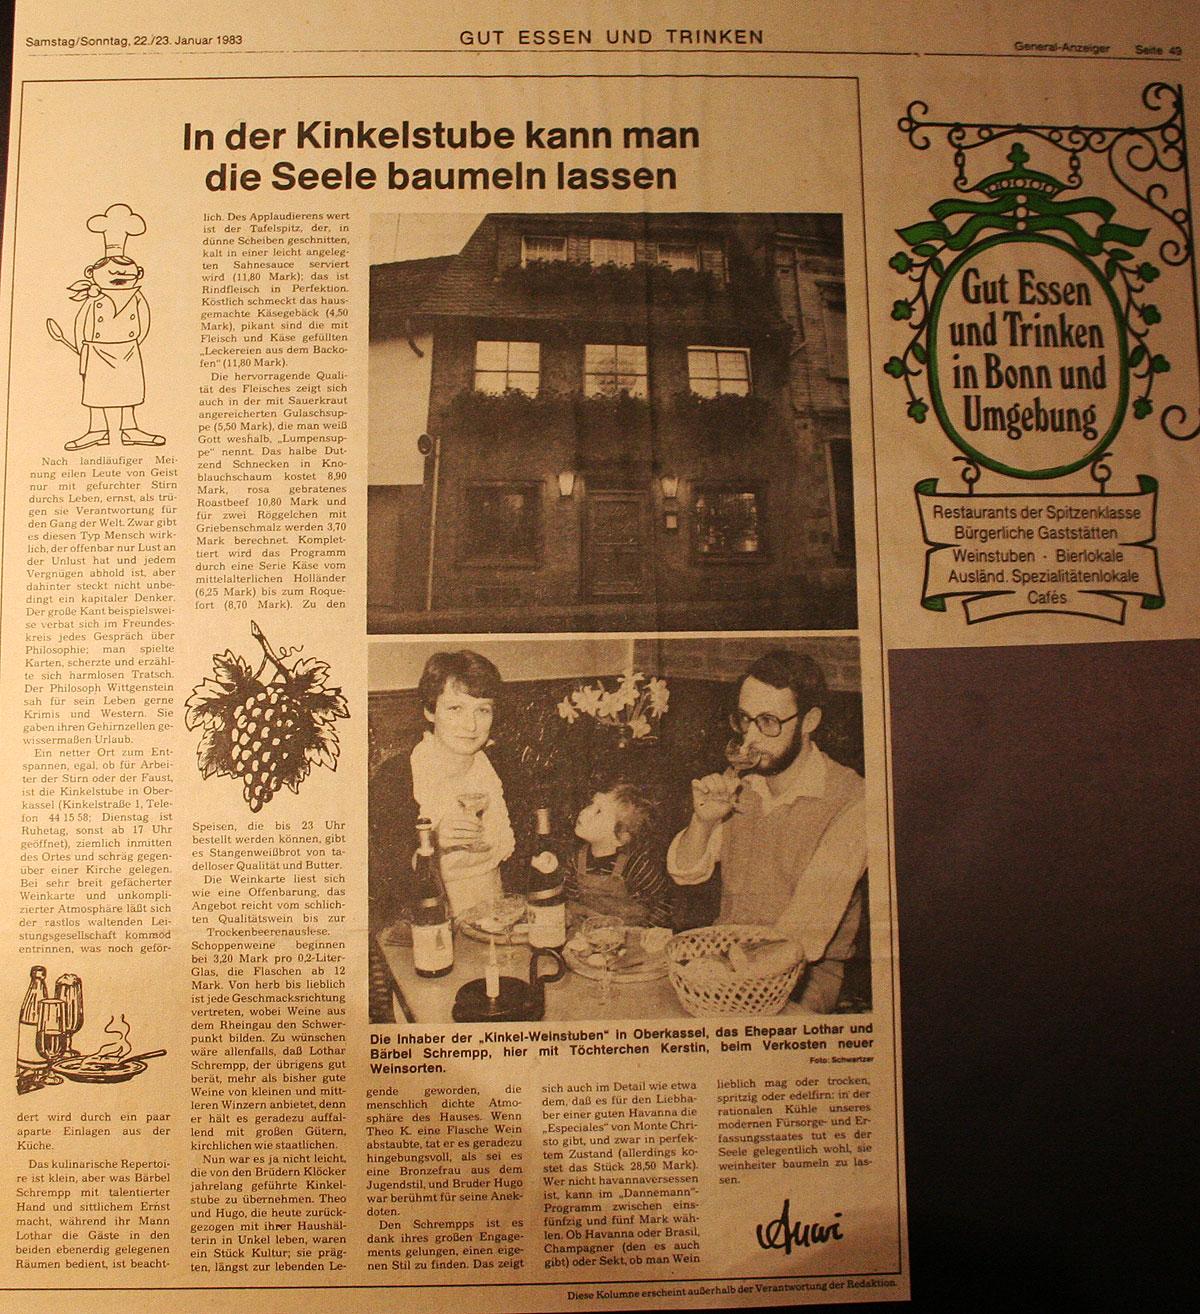 General Anzeiger Weinhaus Kinkel Stuben